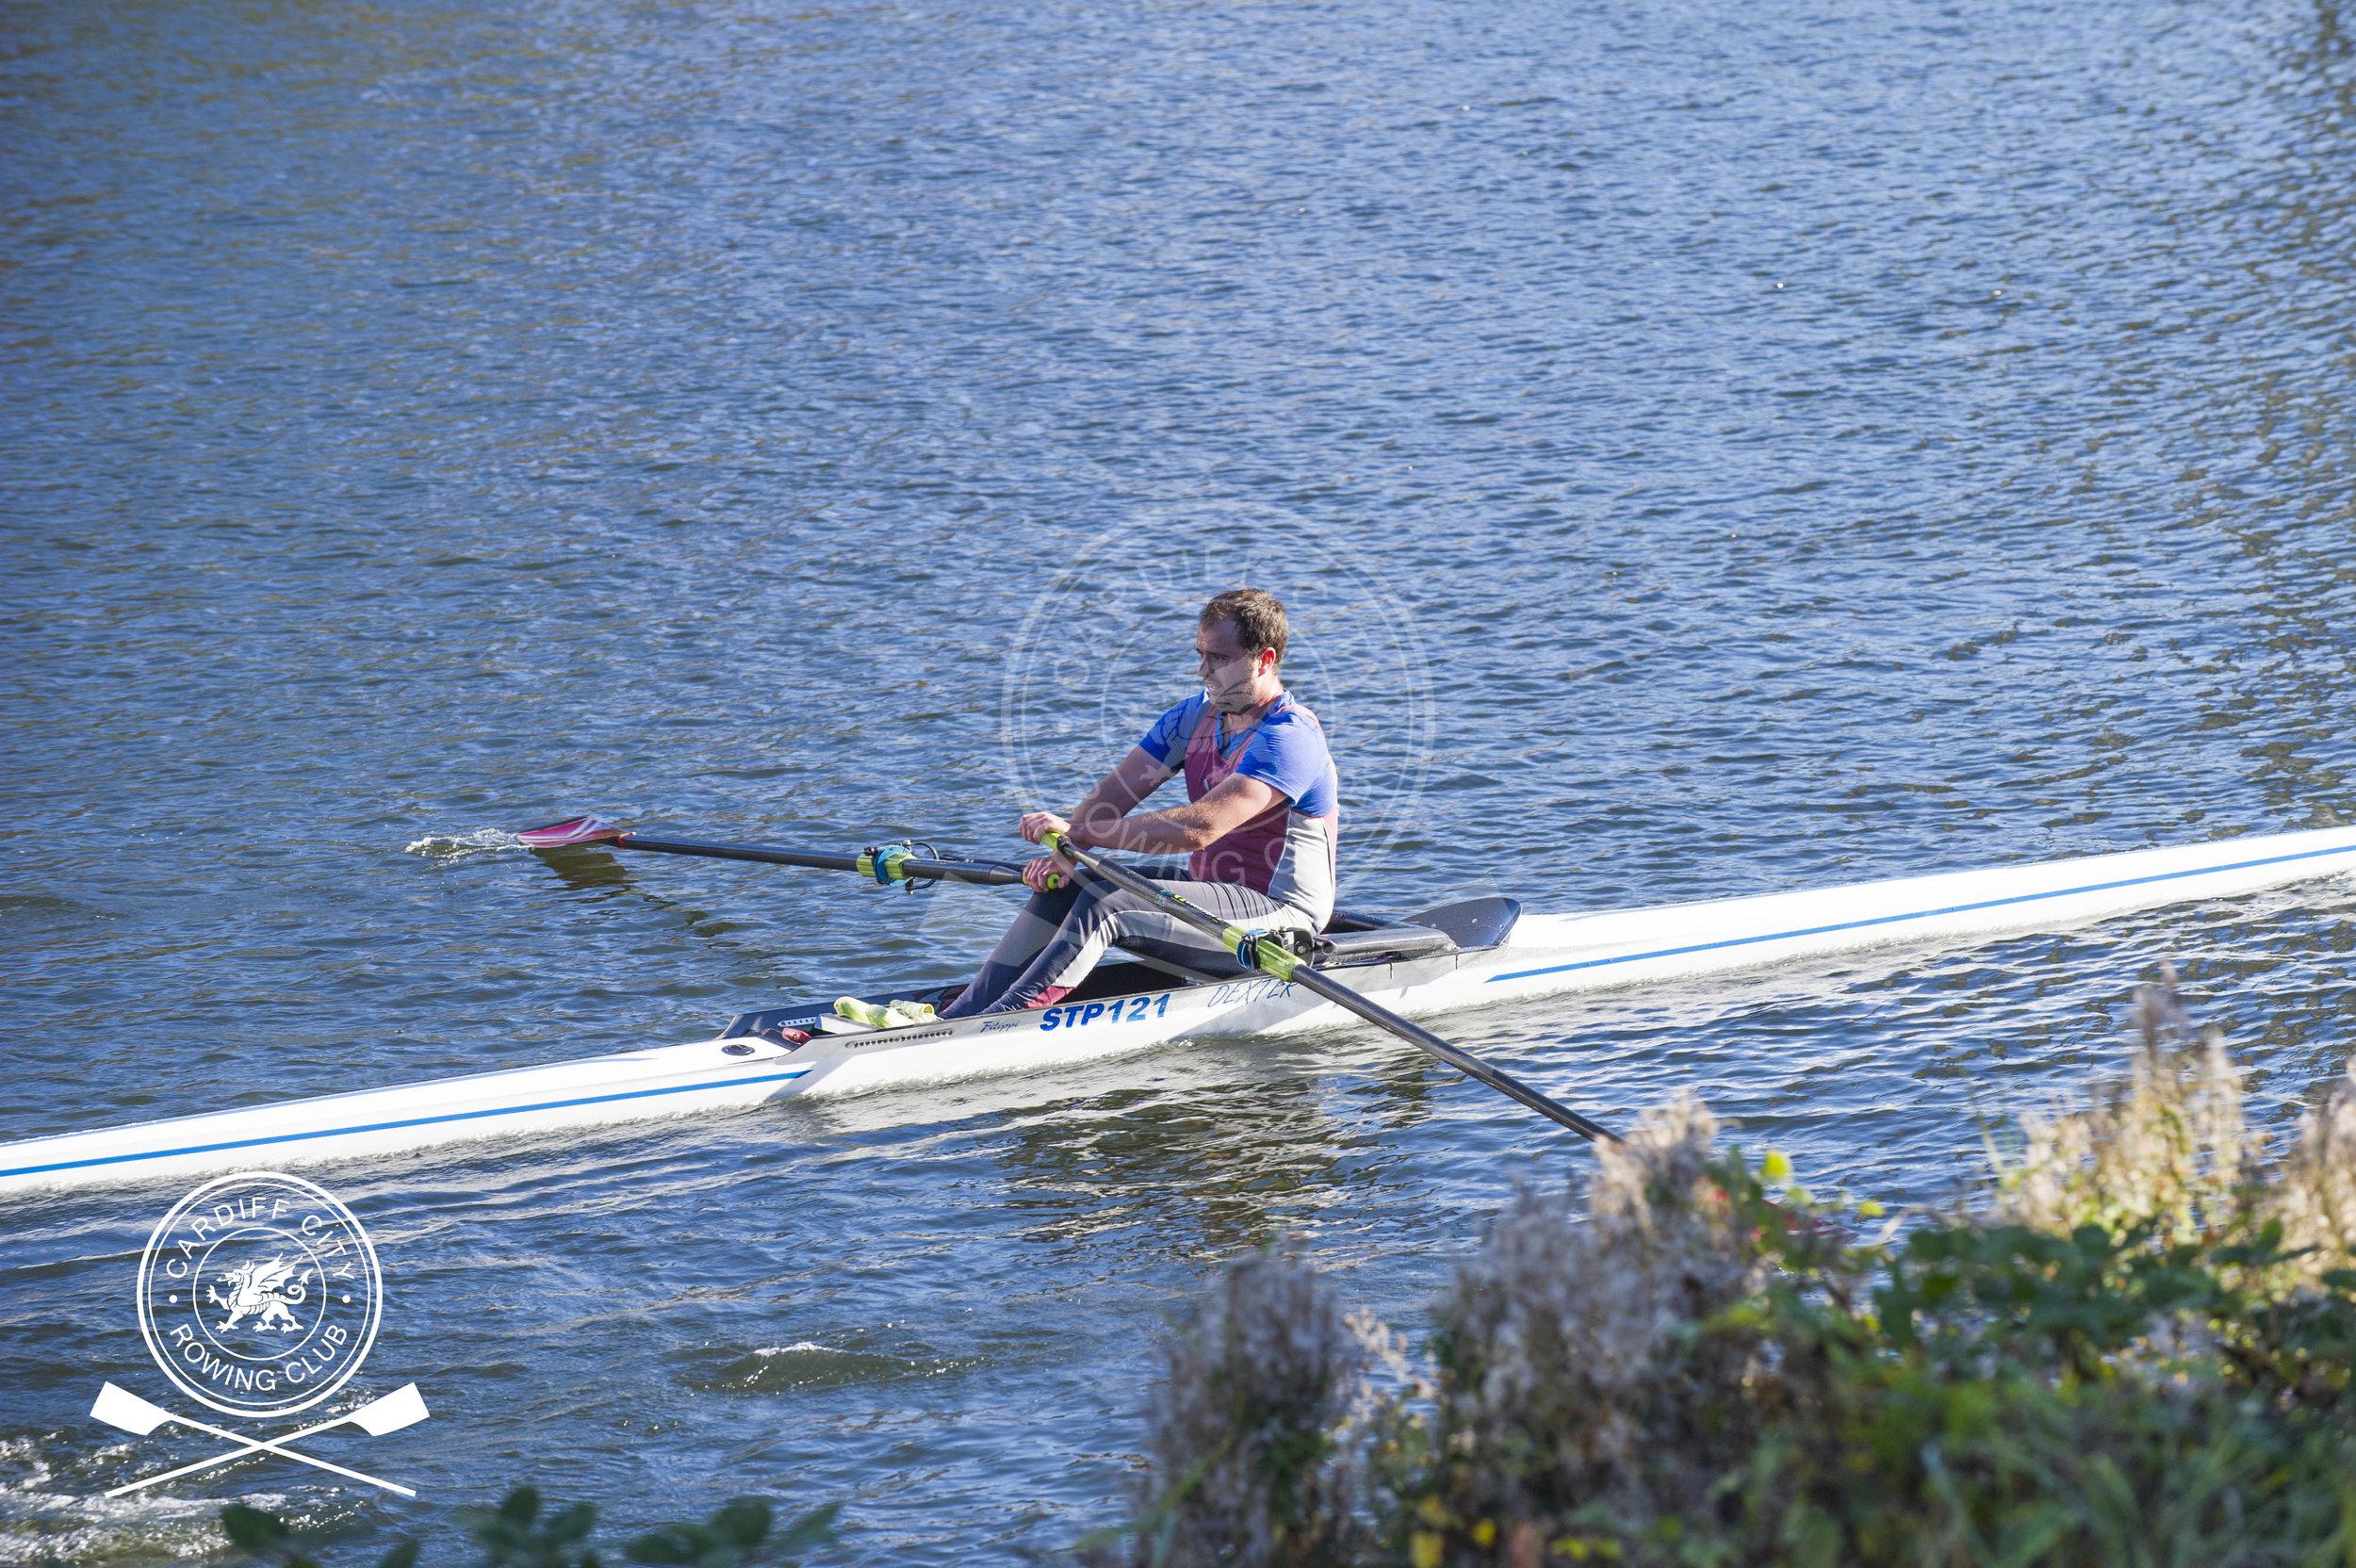 Cardiff_City_Head_Race_49.jpg